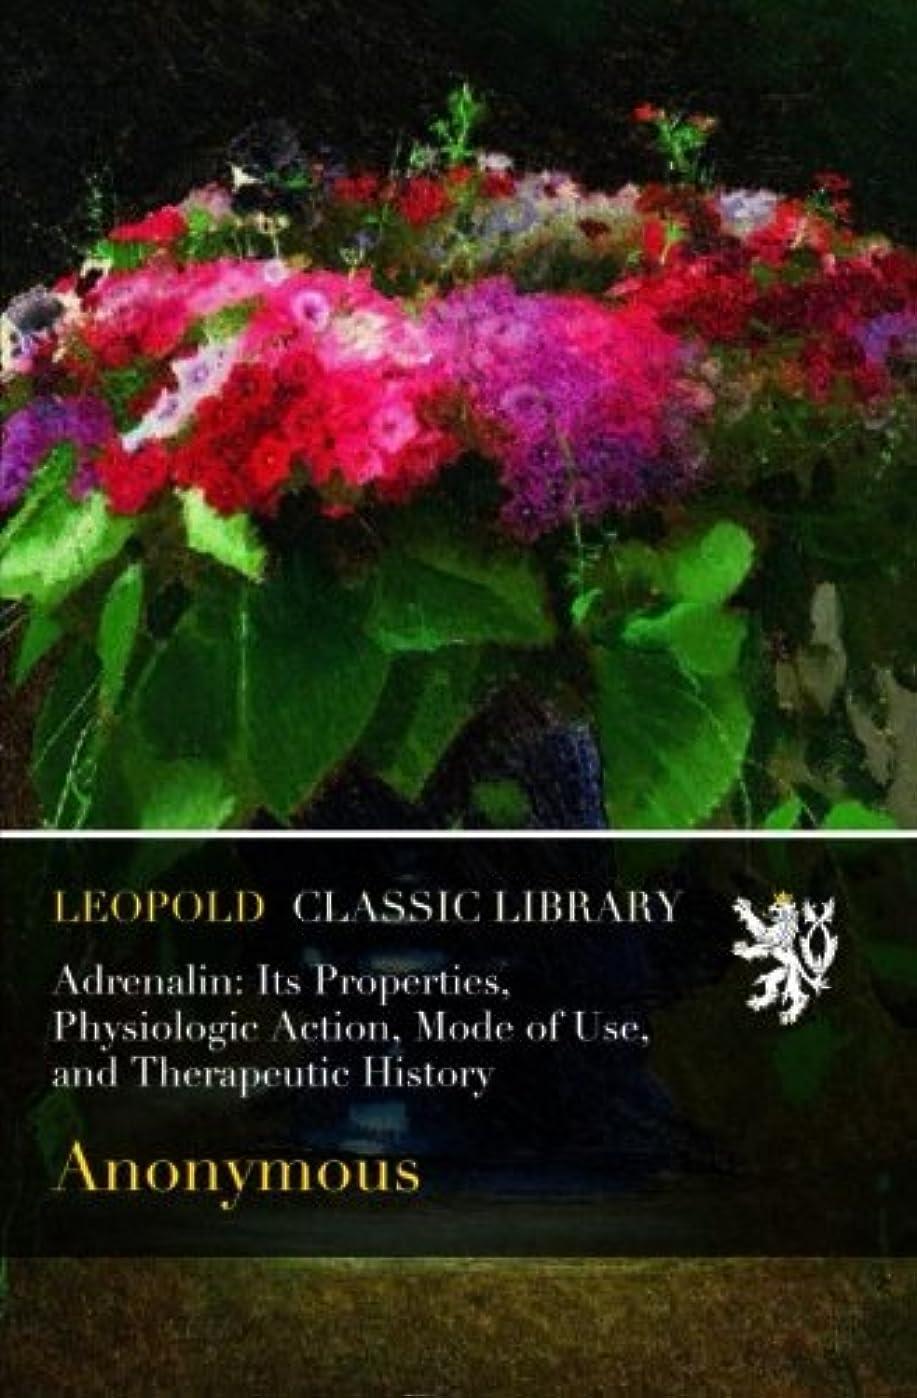 わなセメント海港Adrenalin: Its Properties, Physiologic Action, Mode of Use, and Therapeutic History